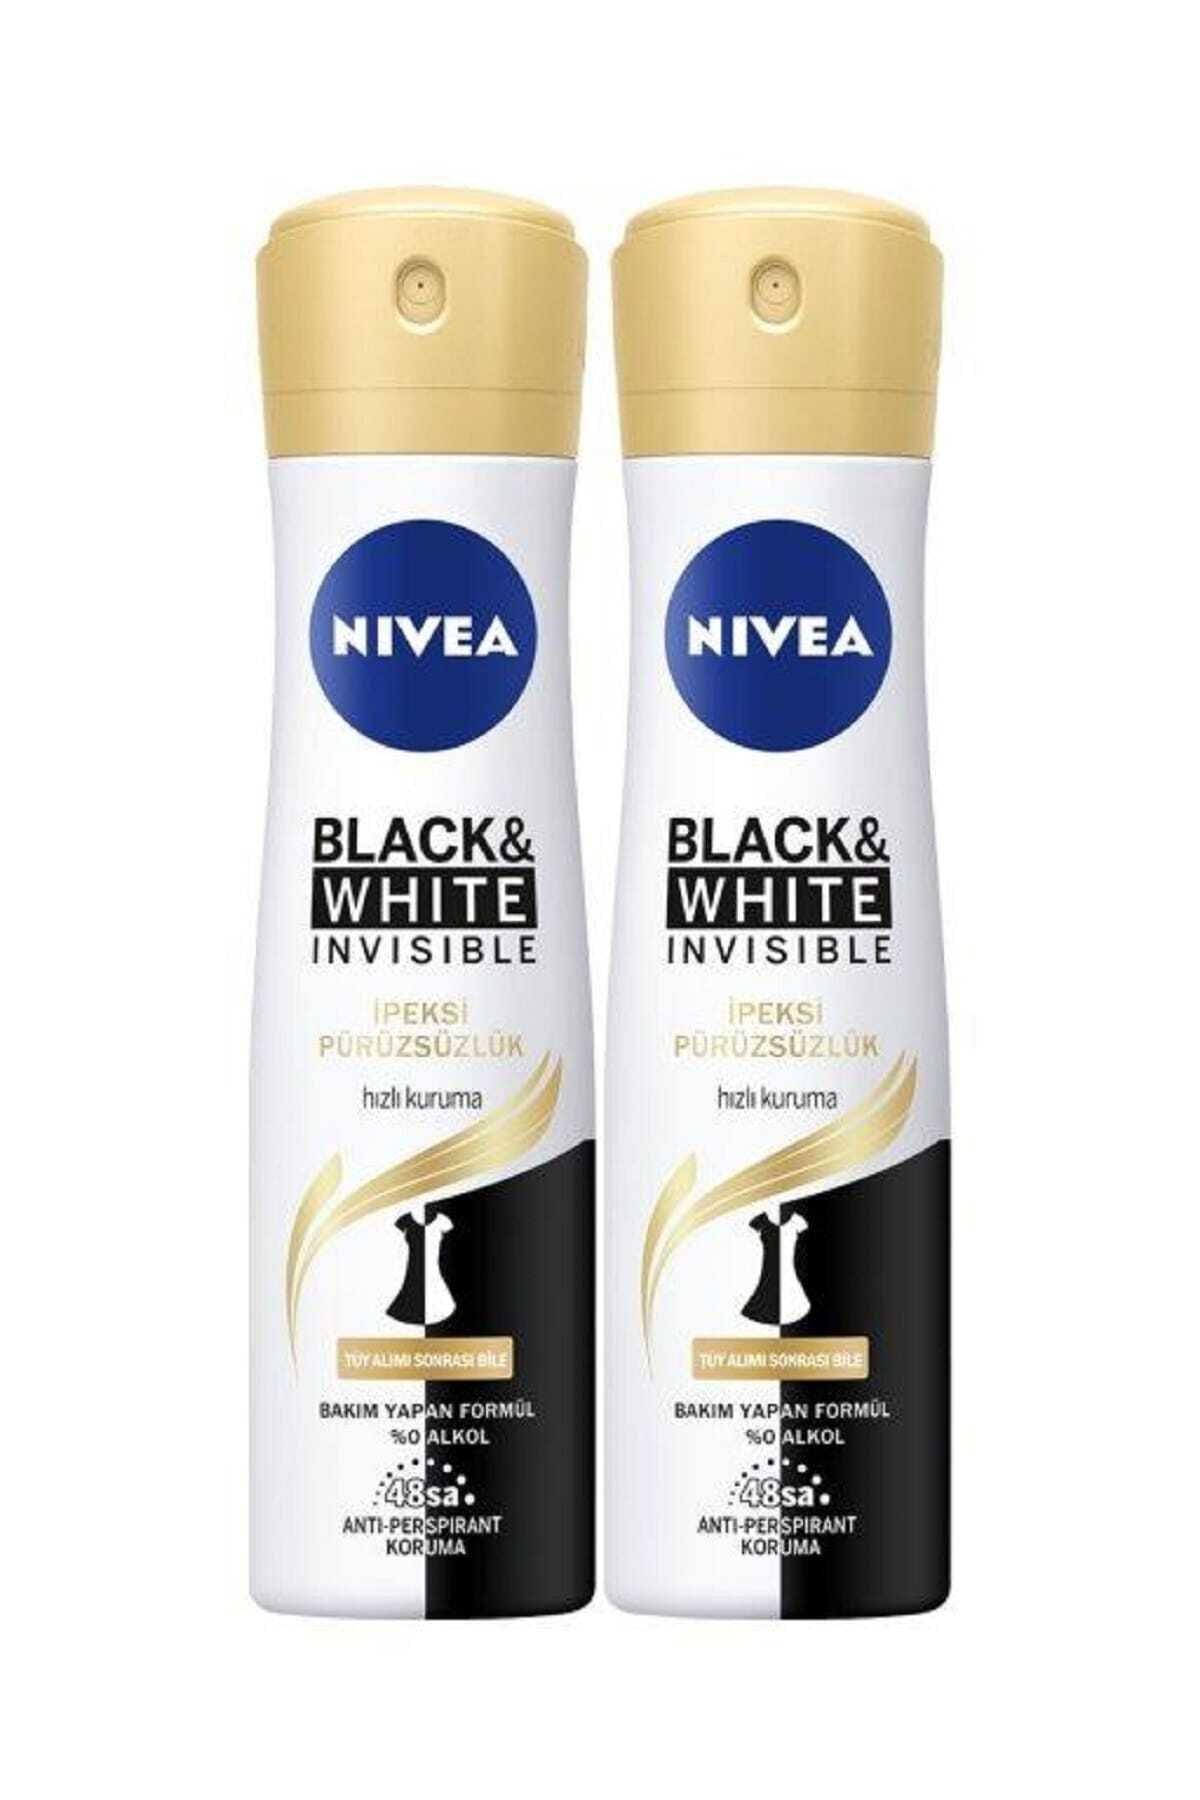 Nivea Black & White Ipeksi Pürüzsüzlük Sprey 150 Ml X 2 1